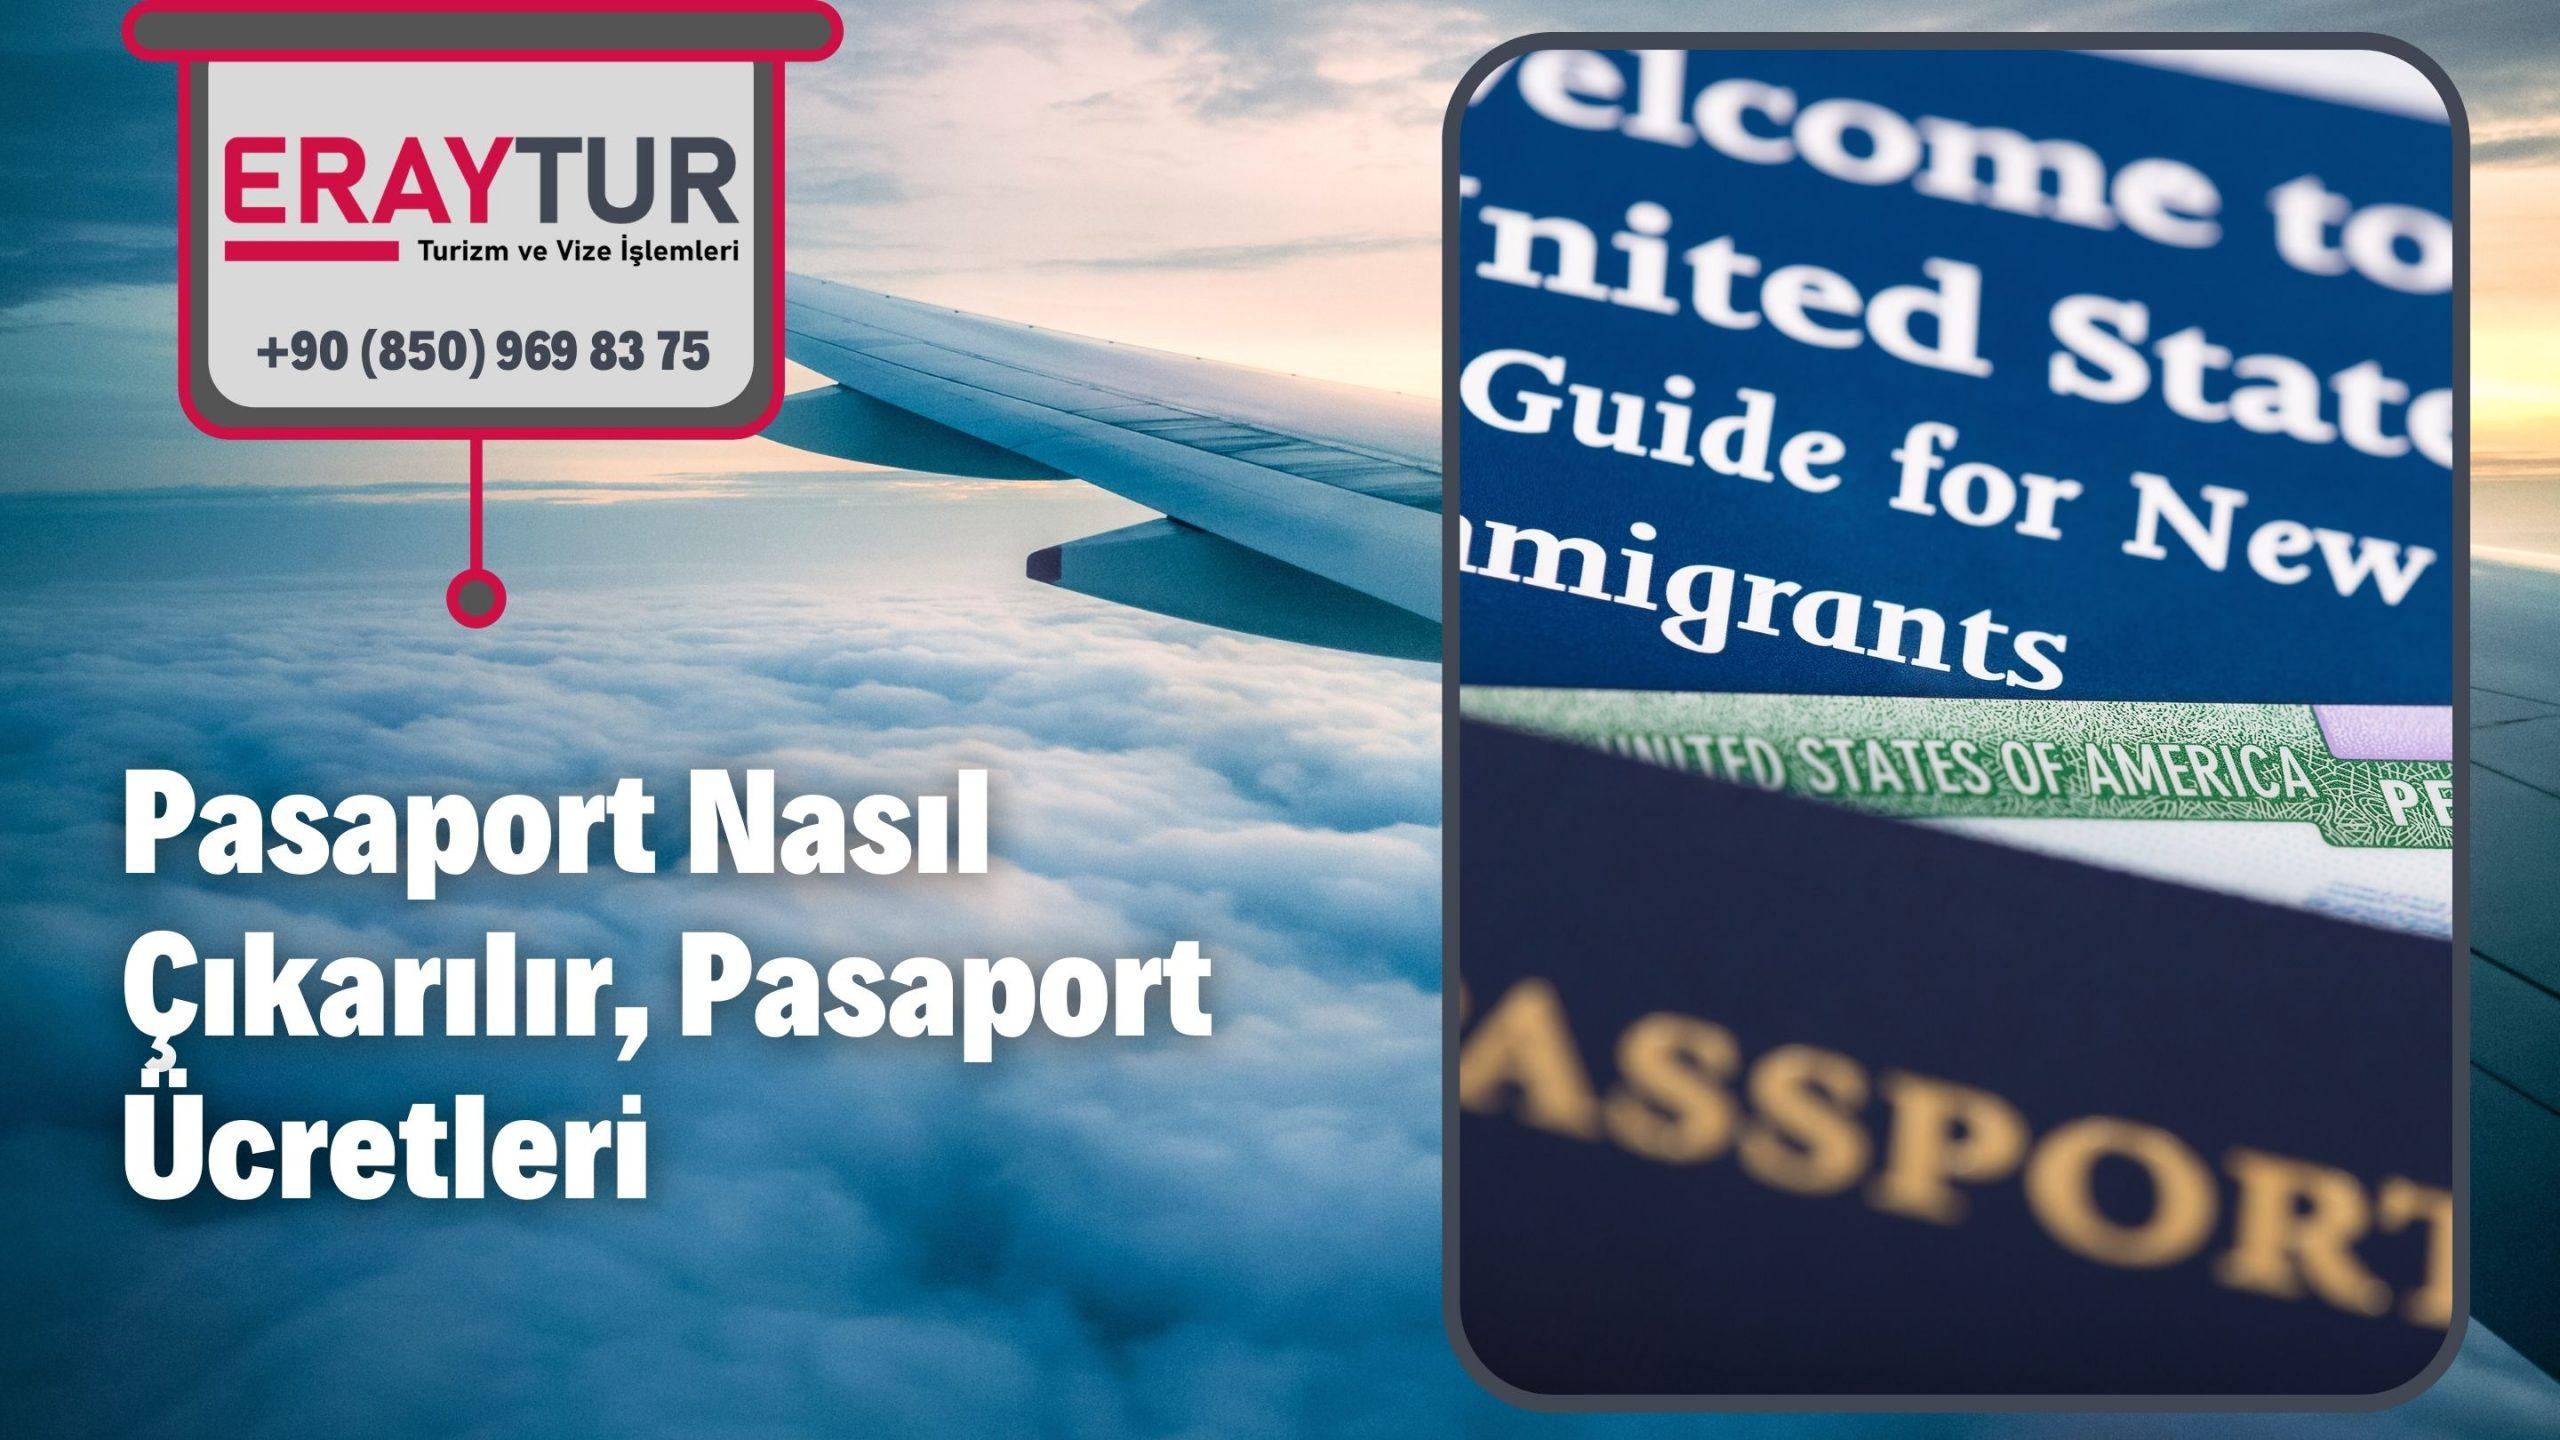 Pasaport Nasıl Çıkarılır, Pasaport Ücretleri 2021